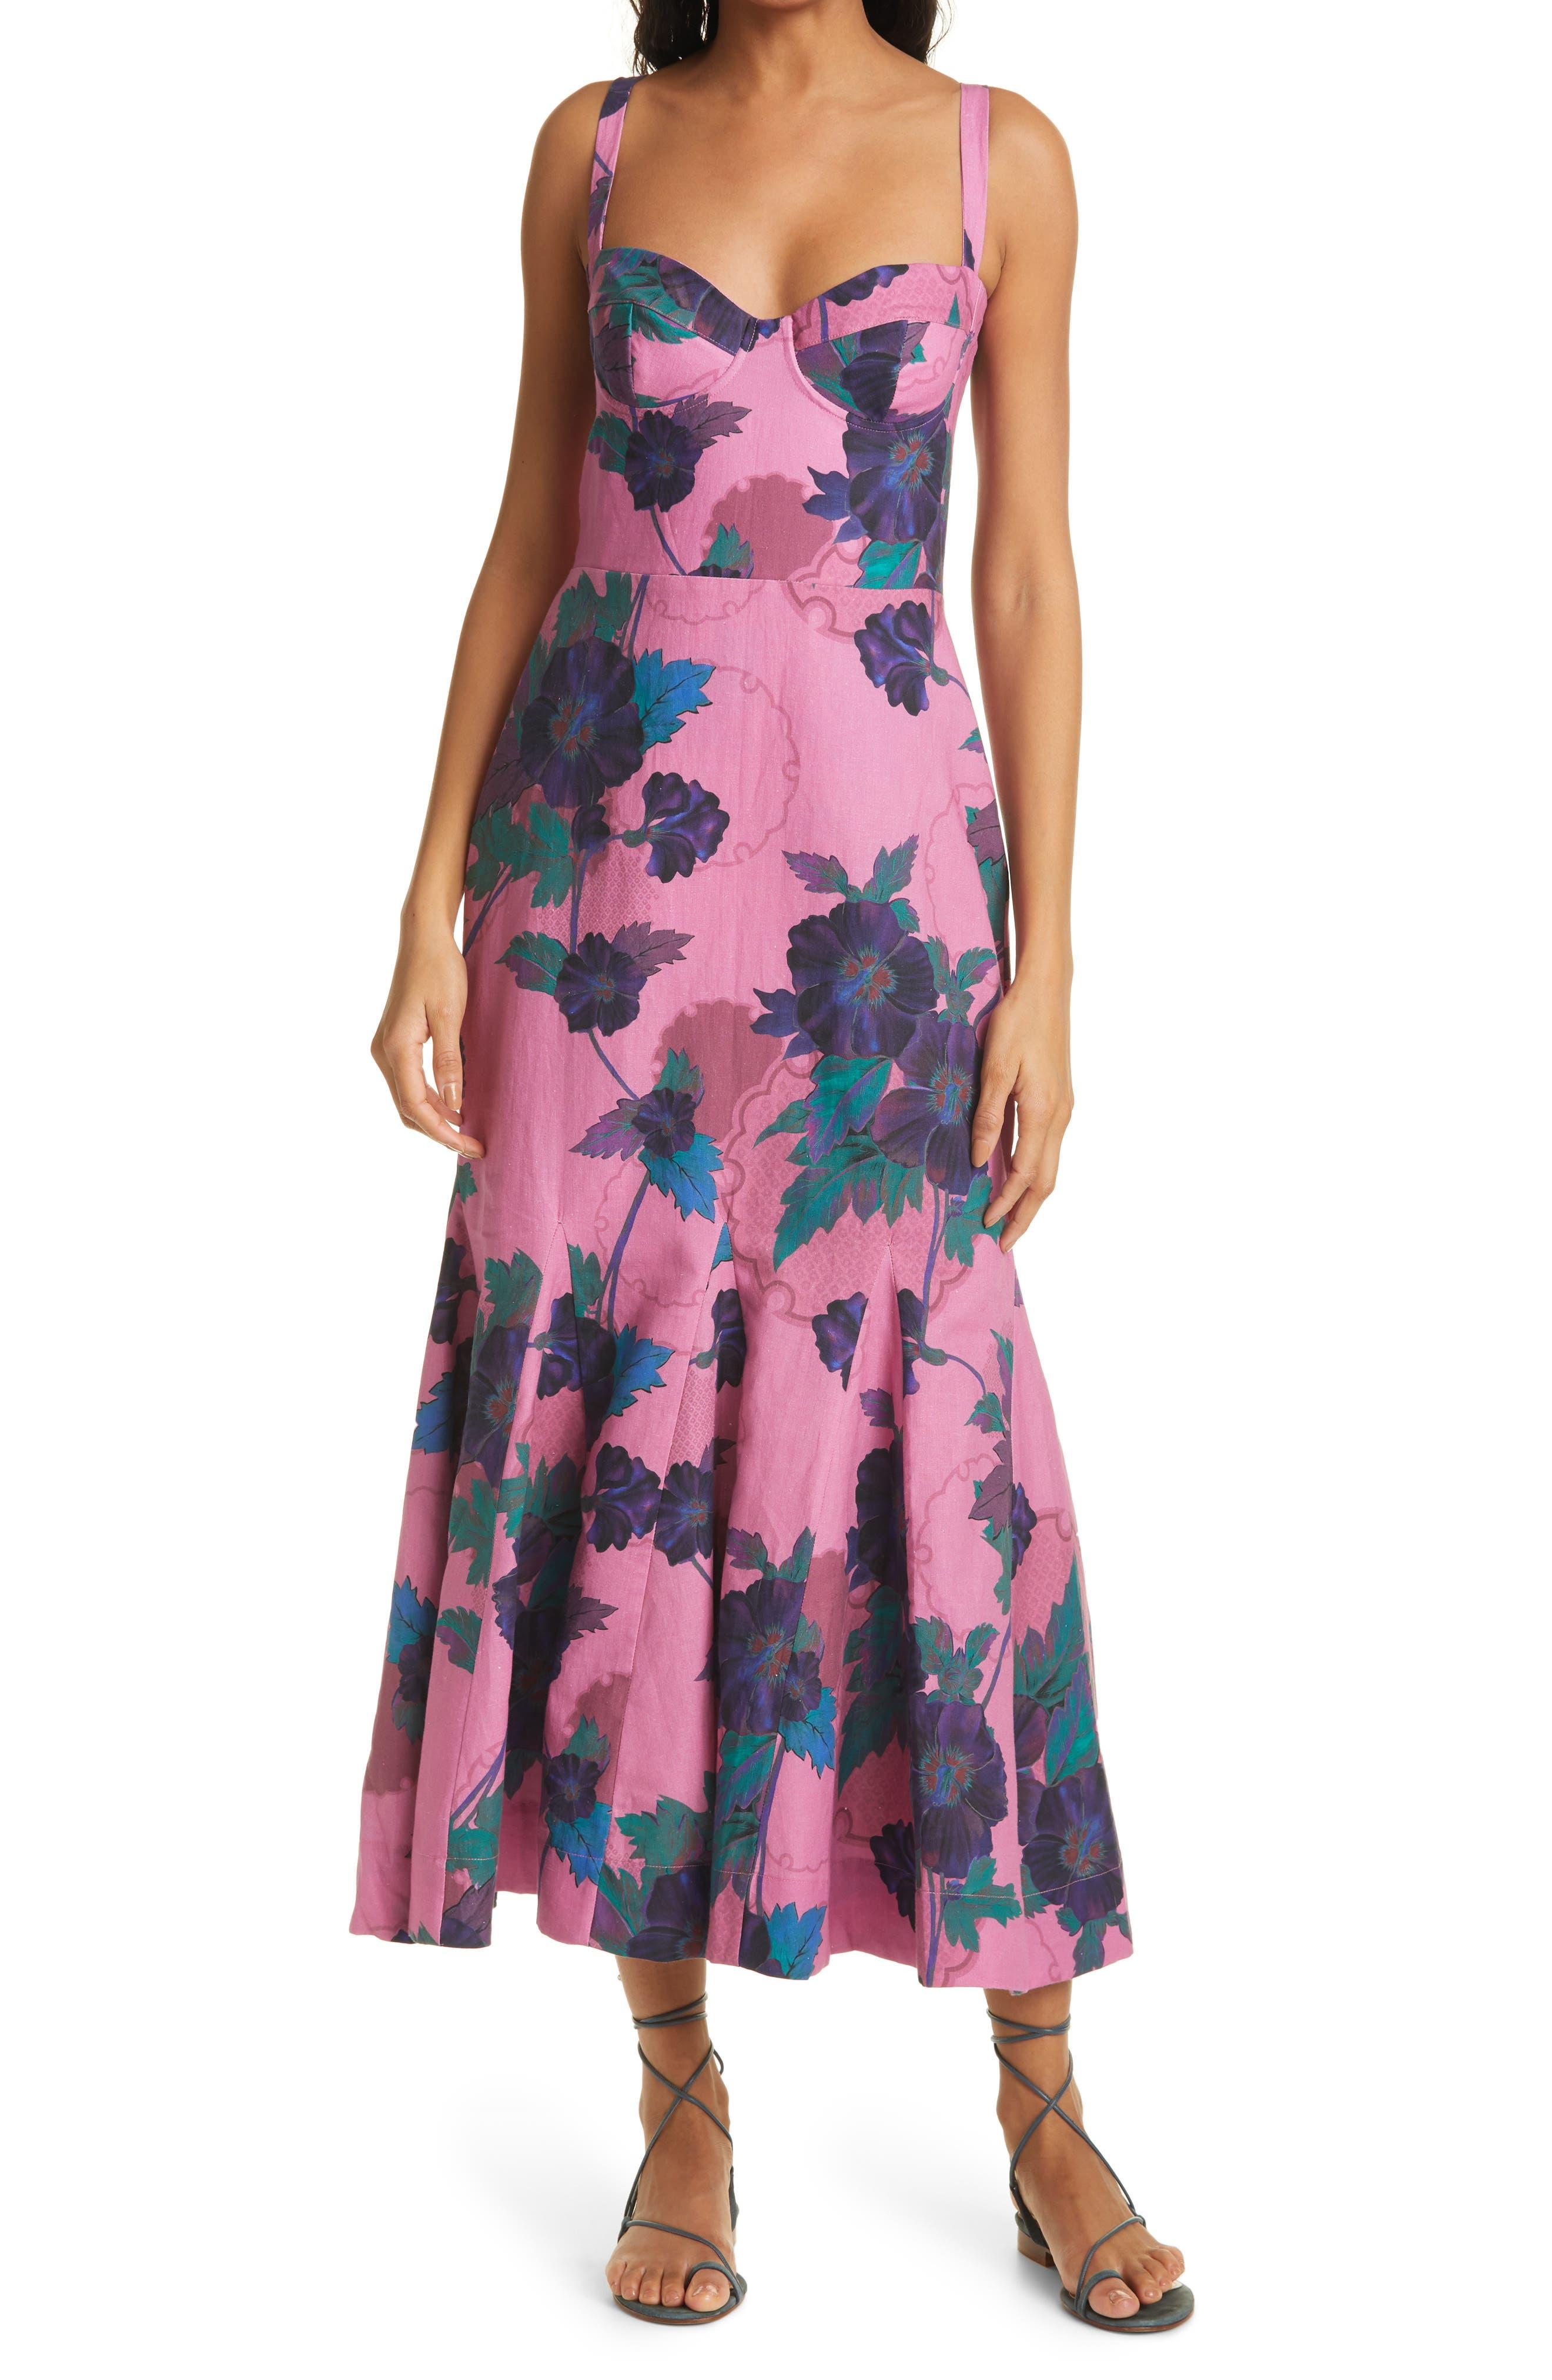 Agwe Floral Linen & Cotton Dress